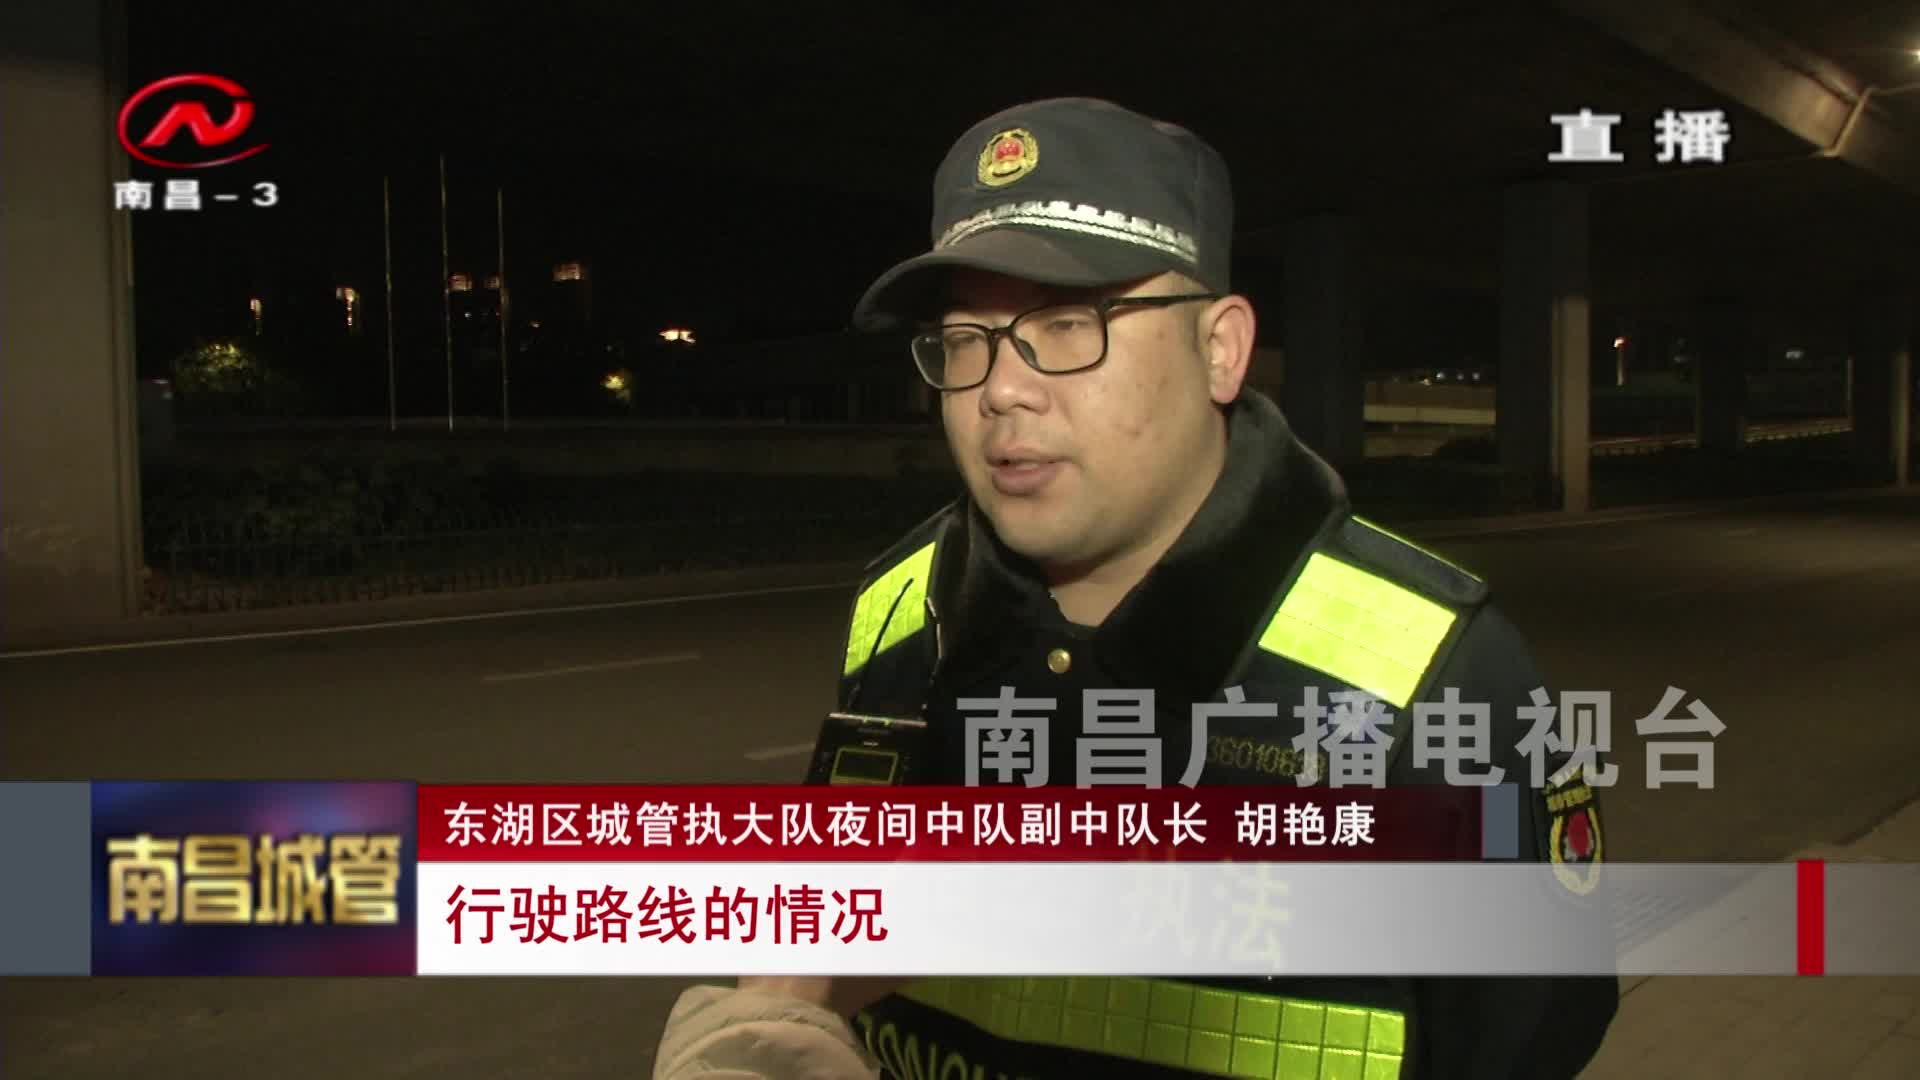 【城管新聞】東湖區:線上跟蹤線下設卡  渣土車違規無處遁形